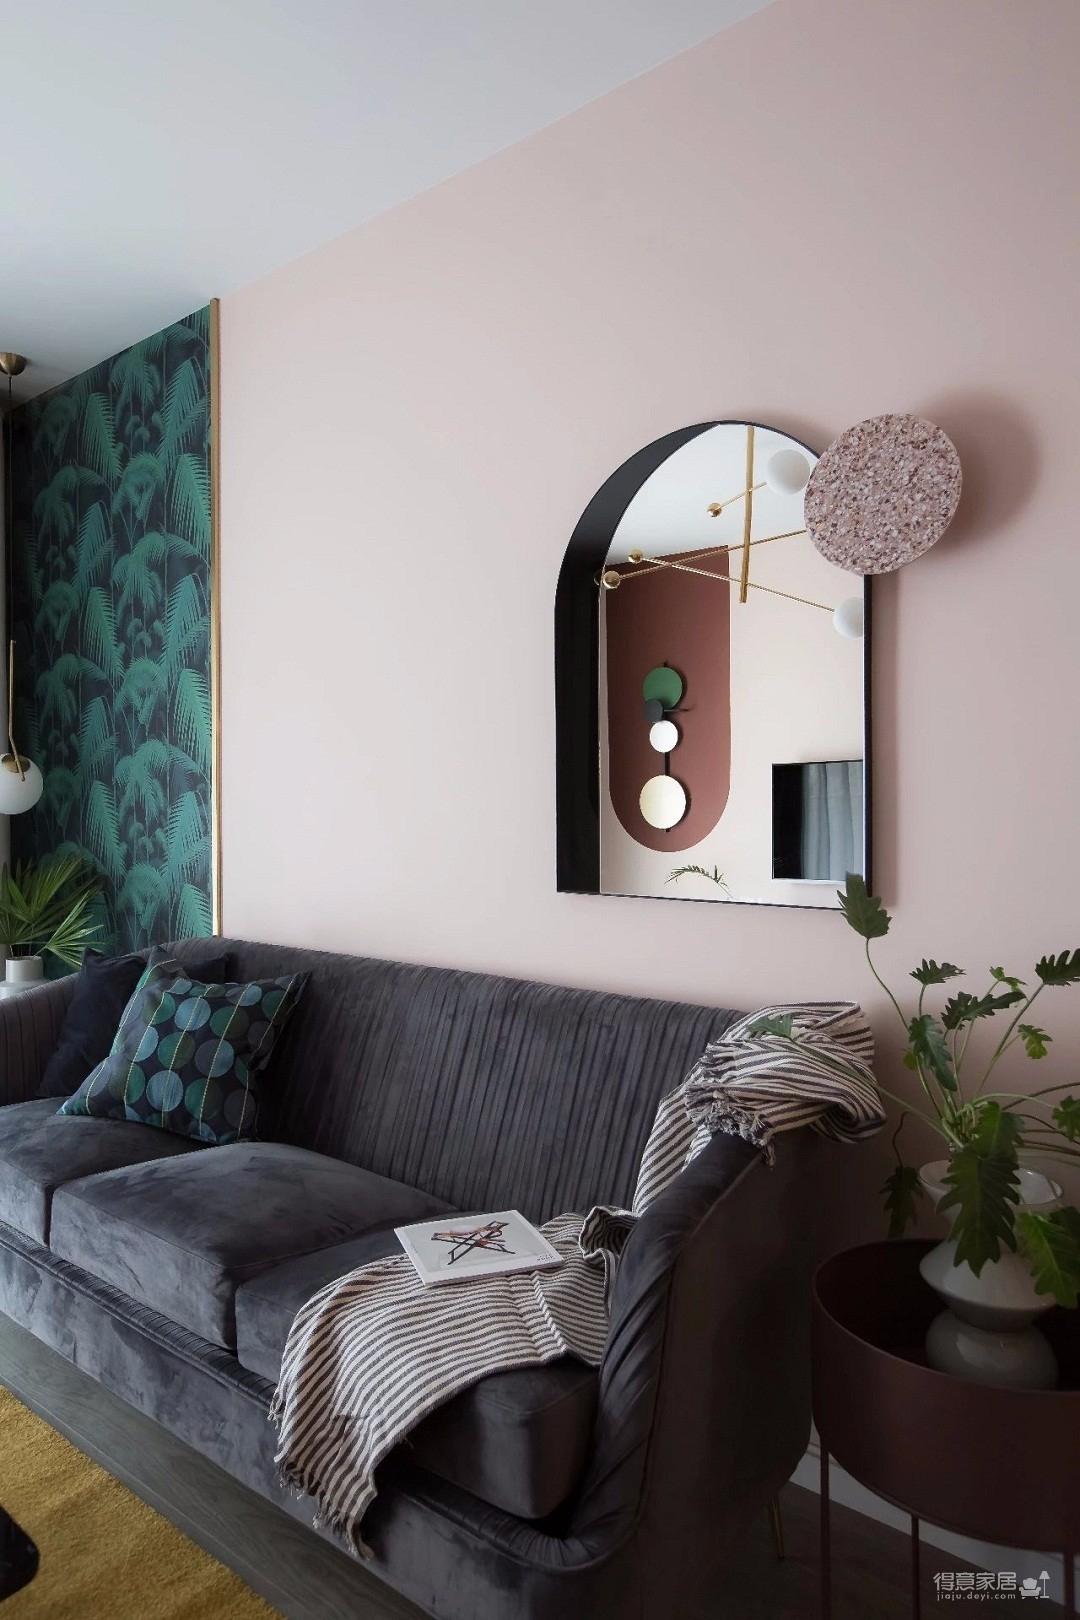 100㎡混搭风格装修,大胆的色彩搭配,打造前卫艺术家居空间 !图_5